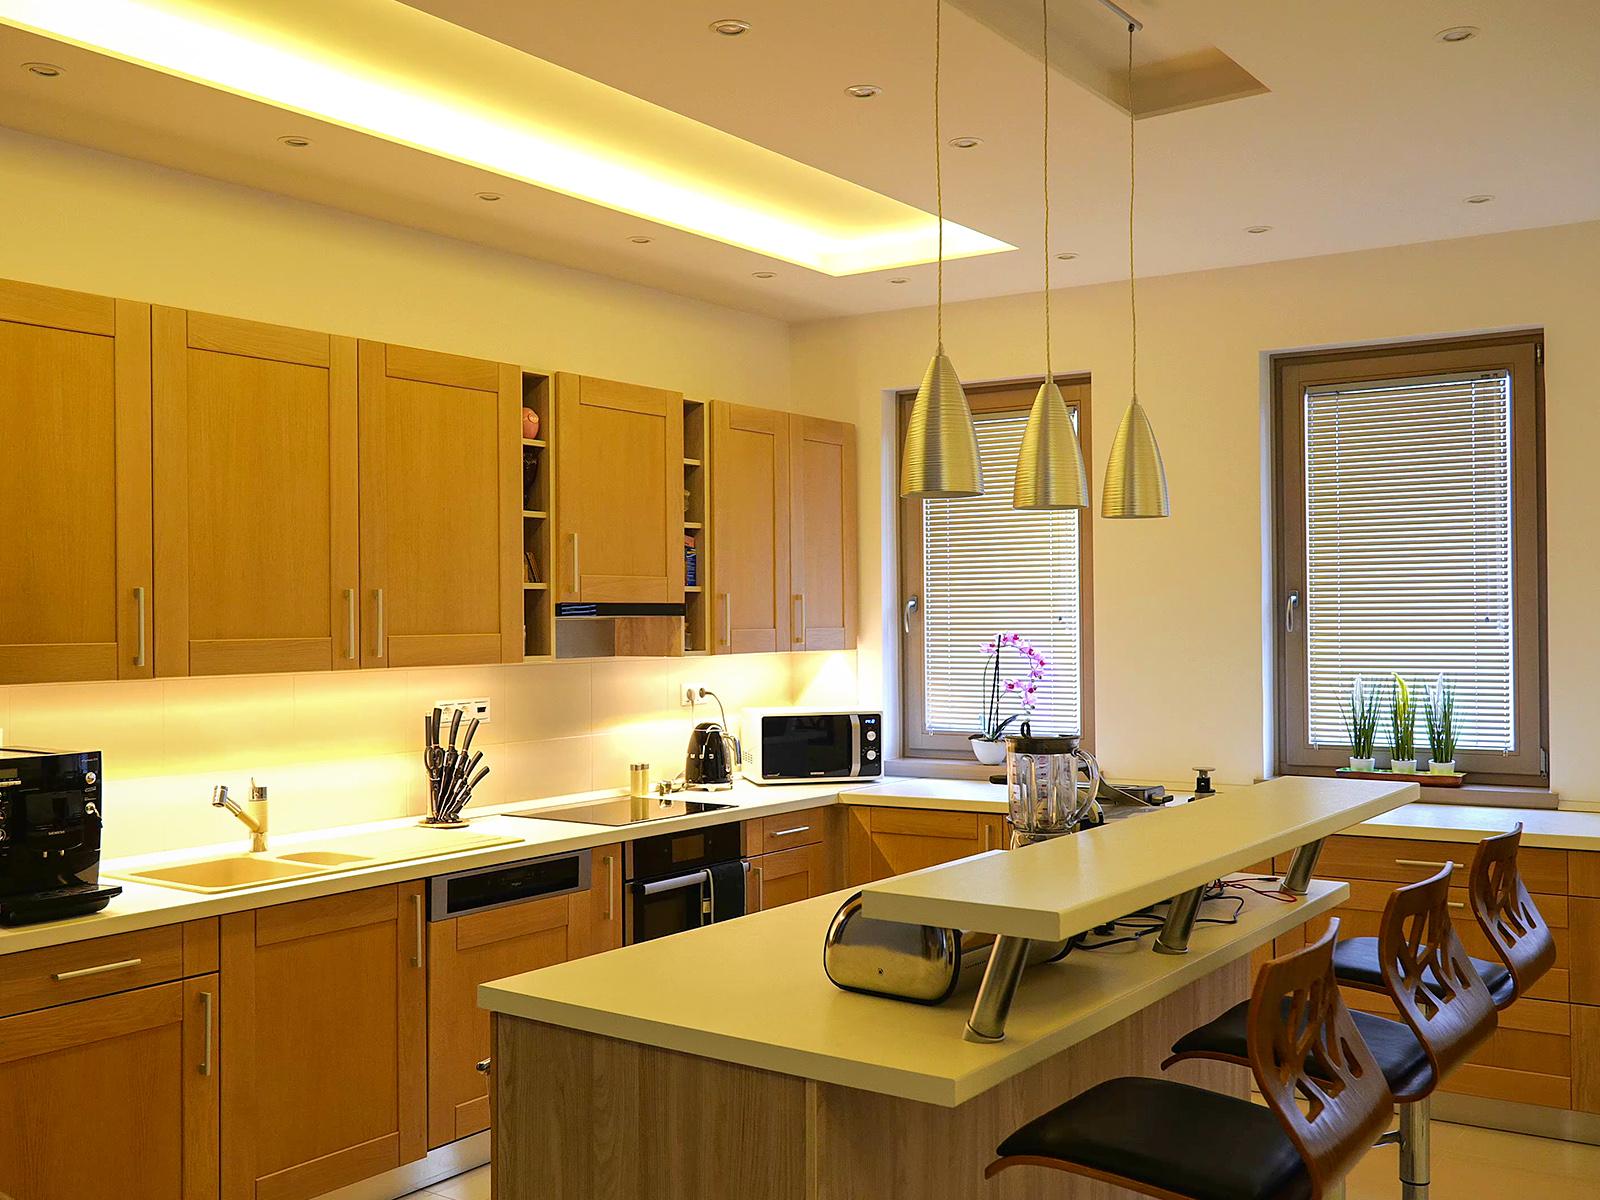 Rejtett világításhoz és konyhai pultvilágításhoz különböző teljesítményű LED szalagot használnak.